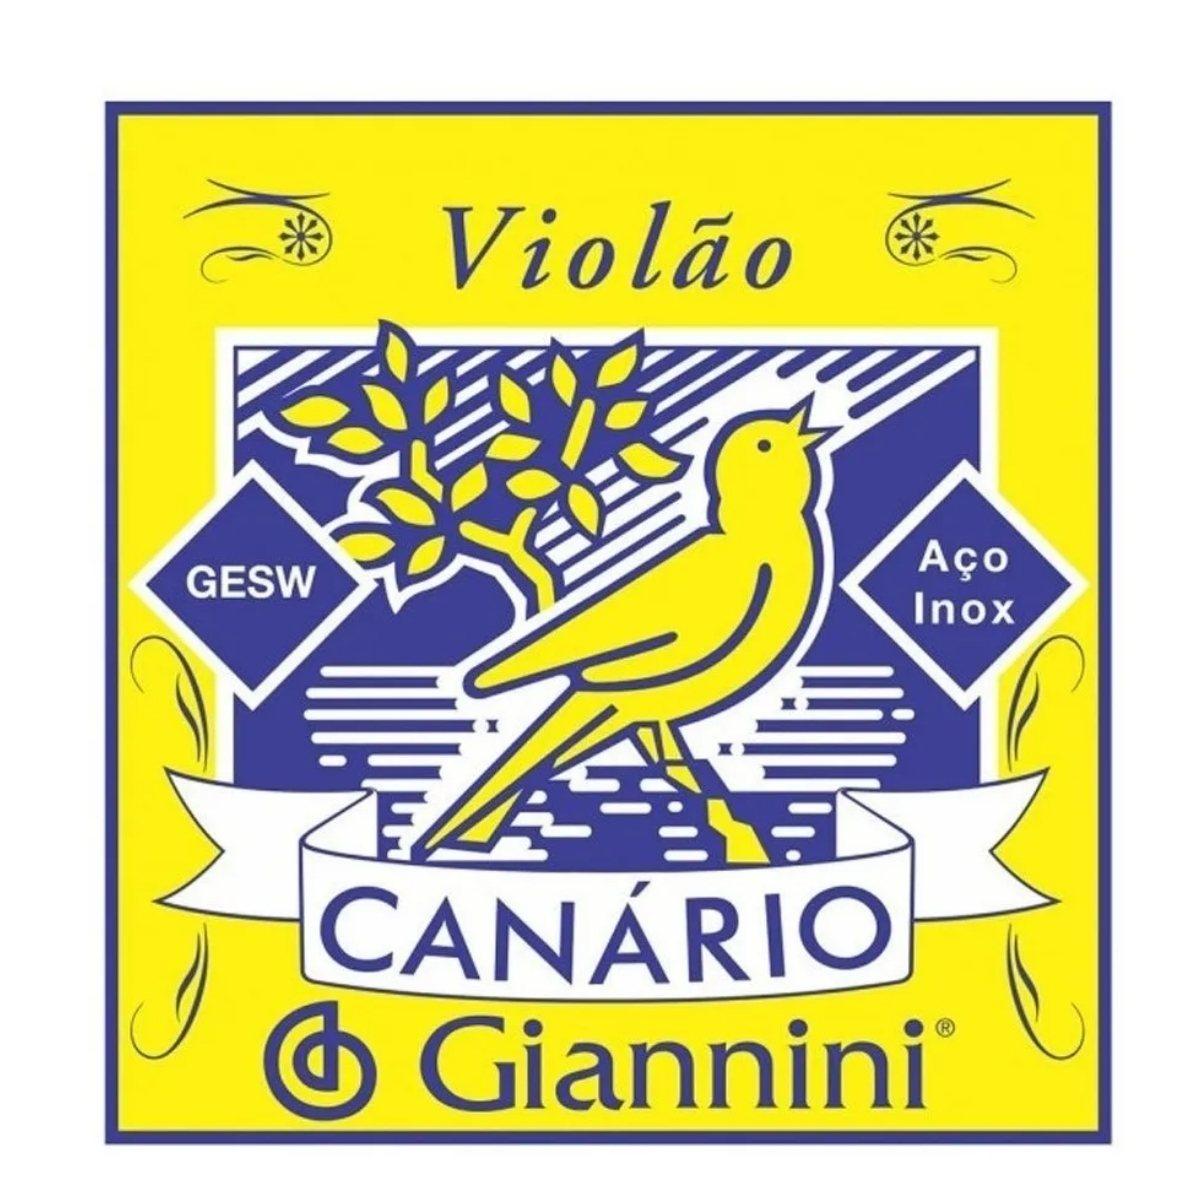 Encordoamento Violão Aço Giannini Canario Gesw